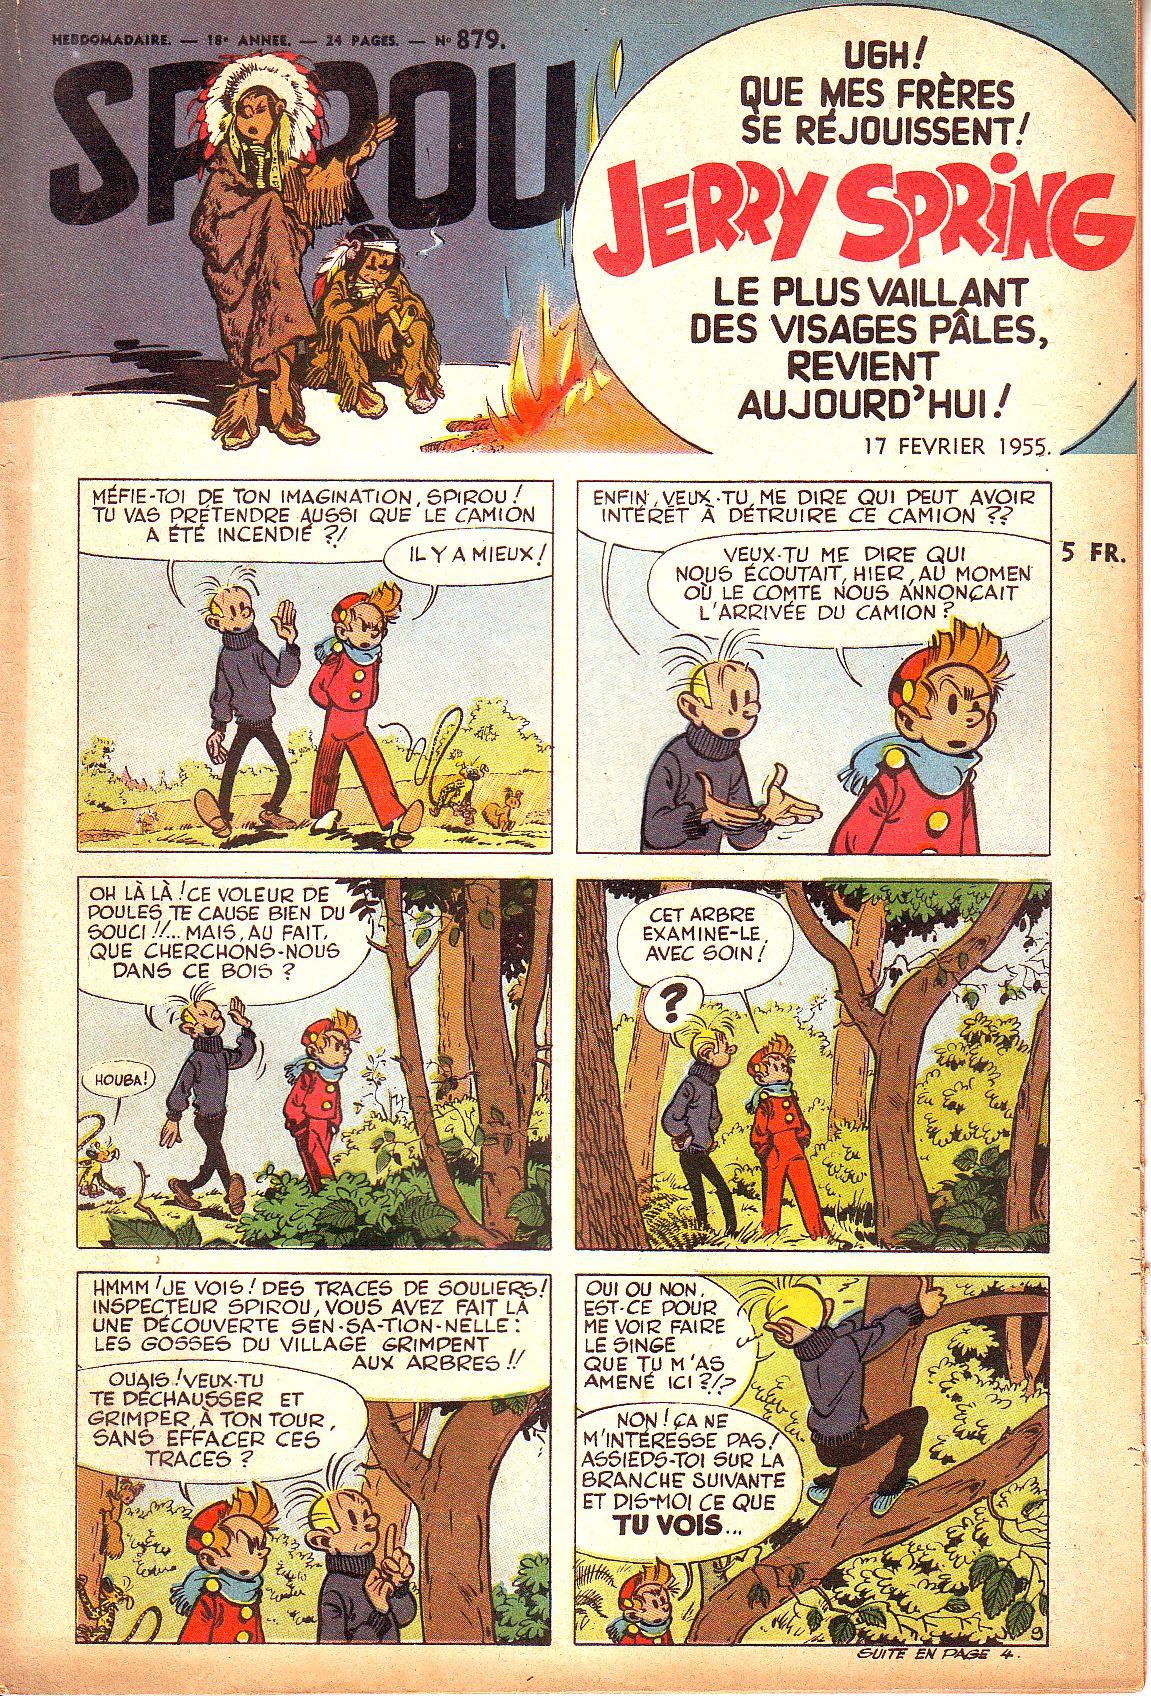 Le journal de Spirou 879